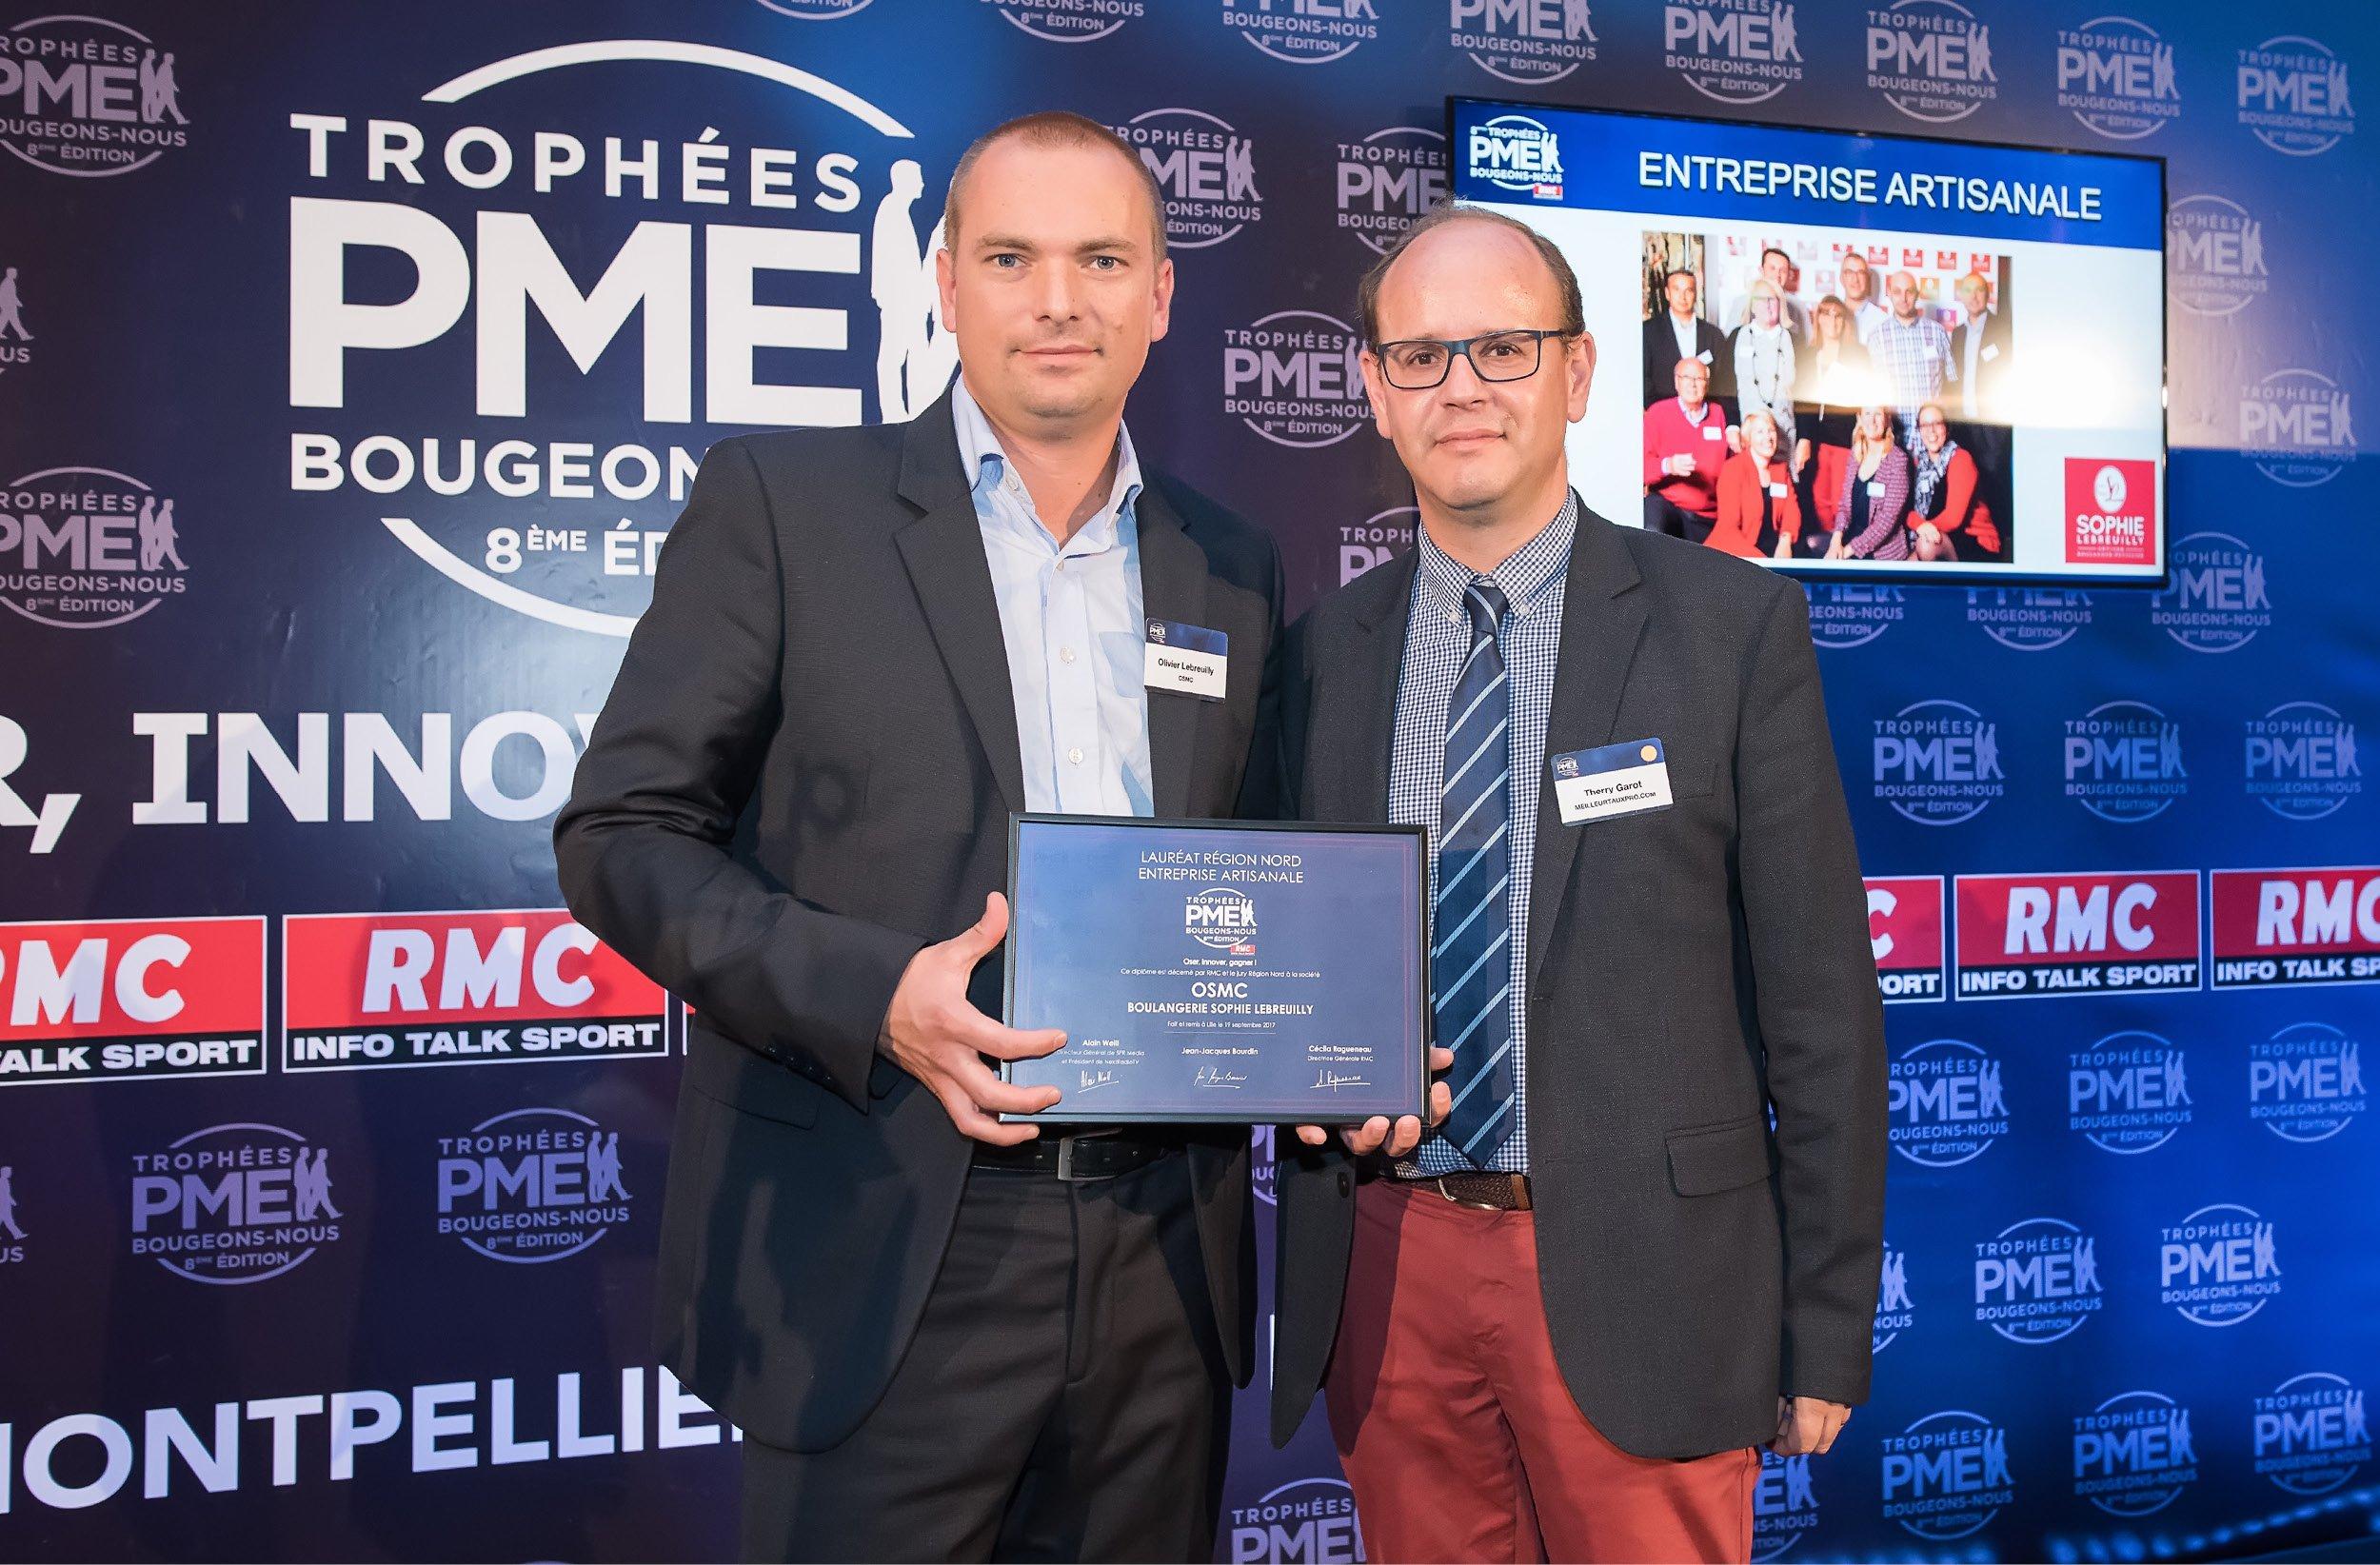 OSMC, lauréat 2017 des Trophées RMC PME Bougeons-Nous !